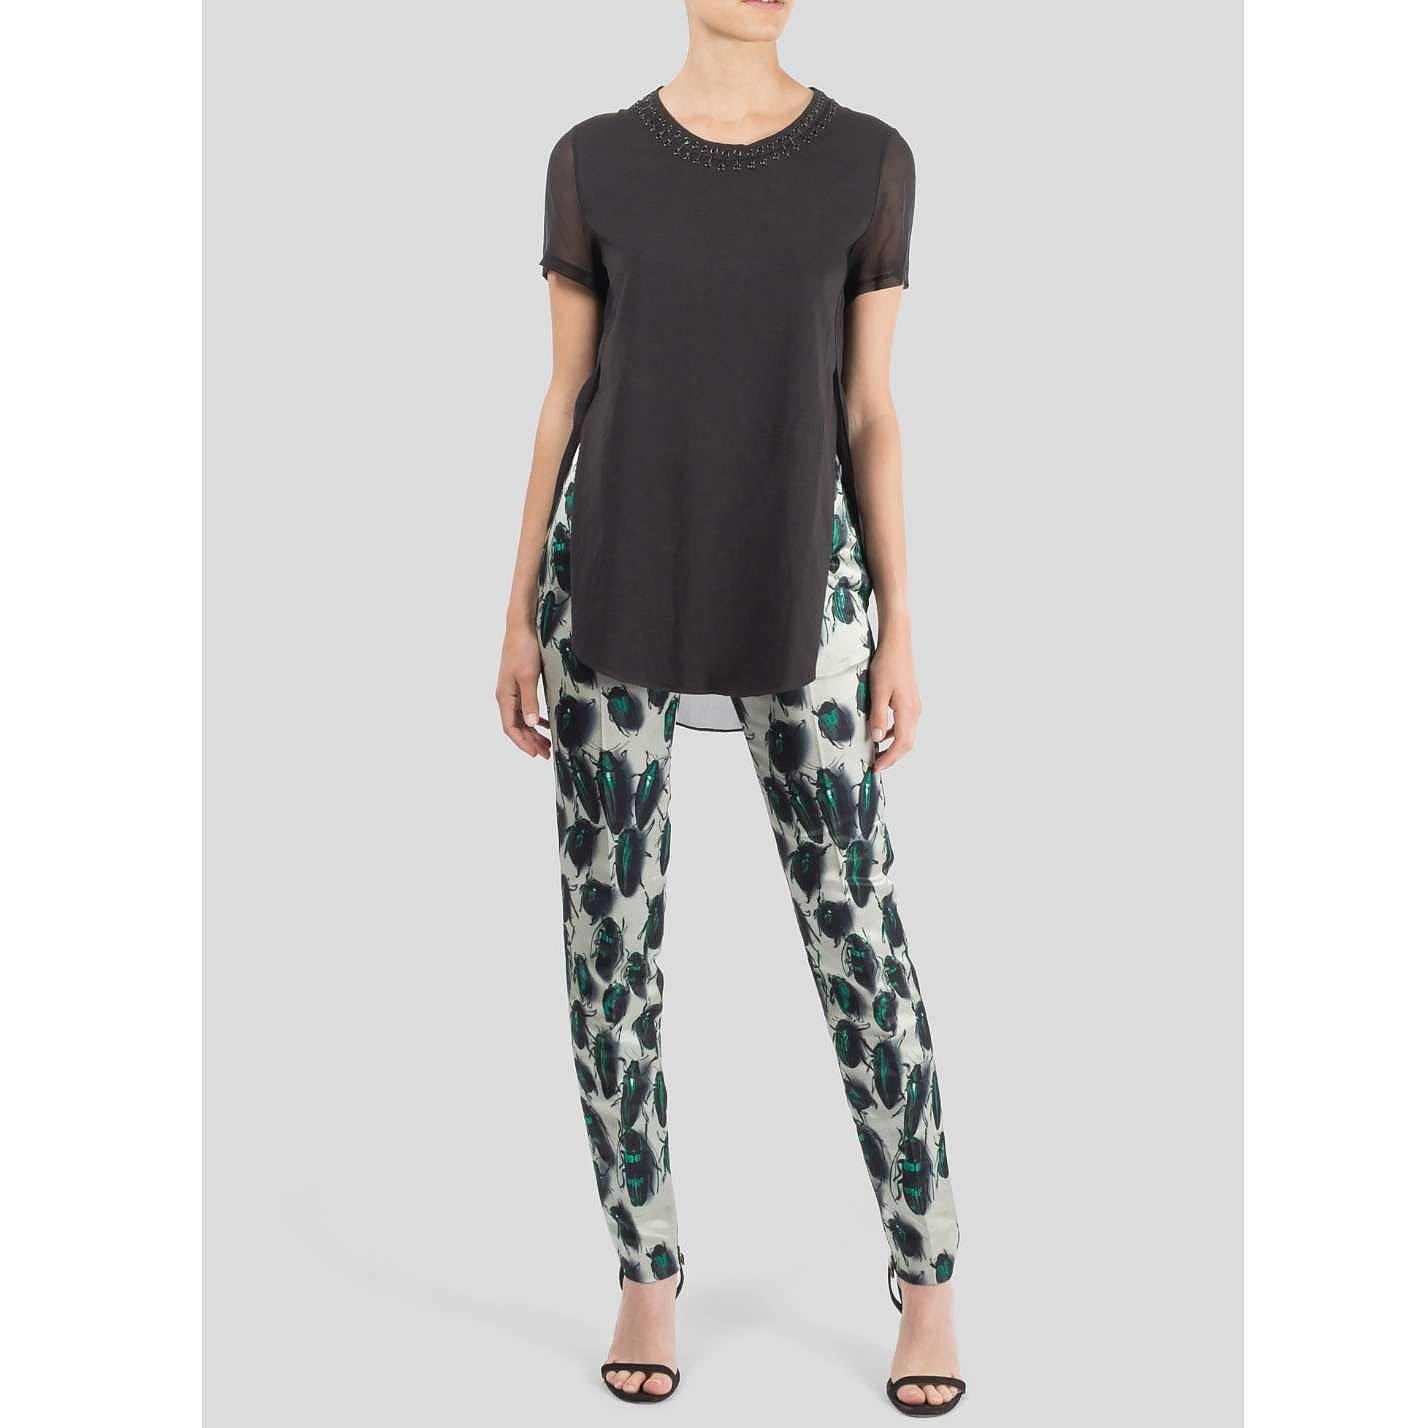 3.1 Phillip Lim Embellished Loose-Fit T-Shirt